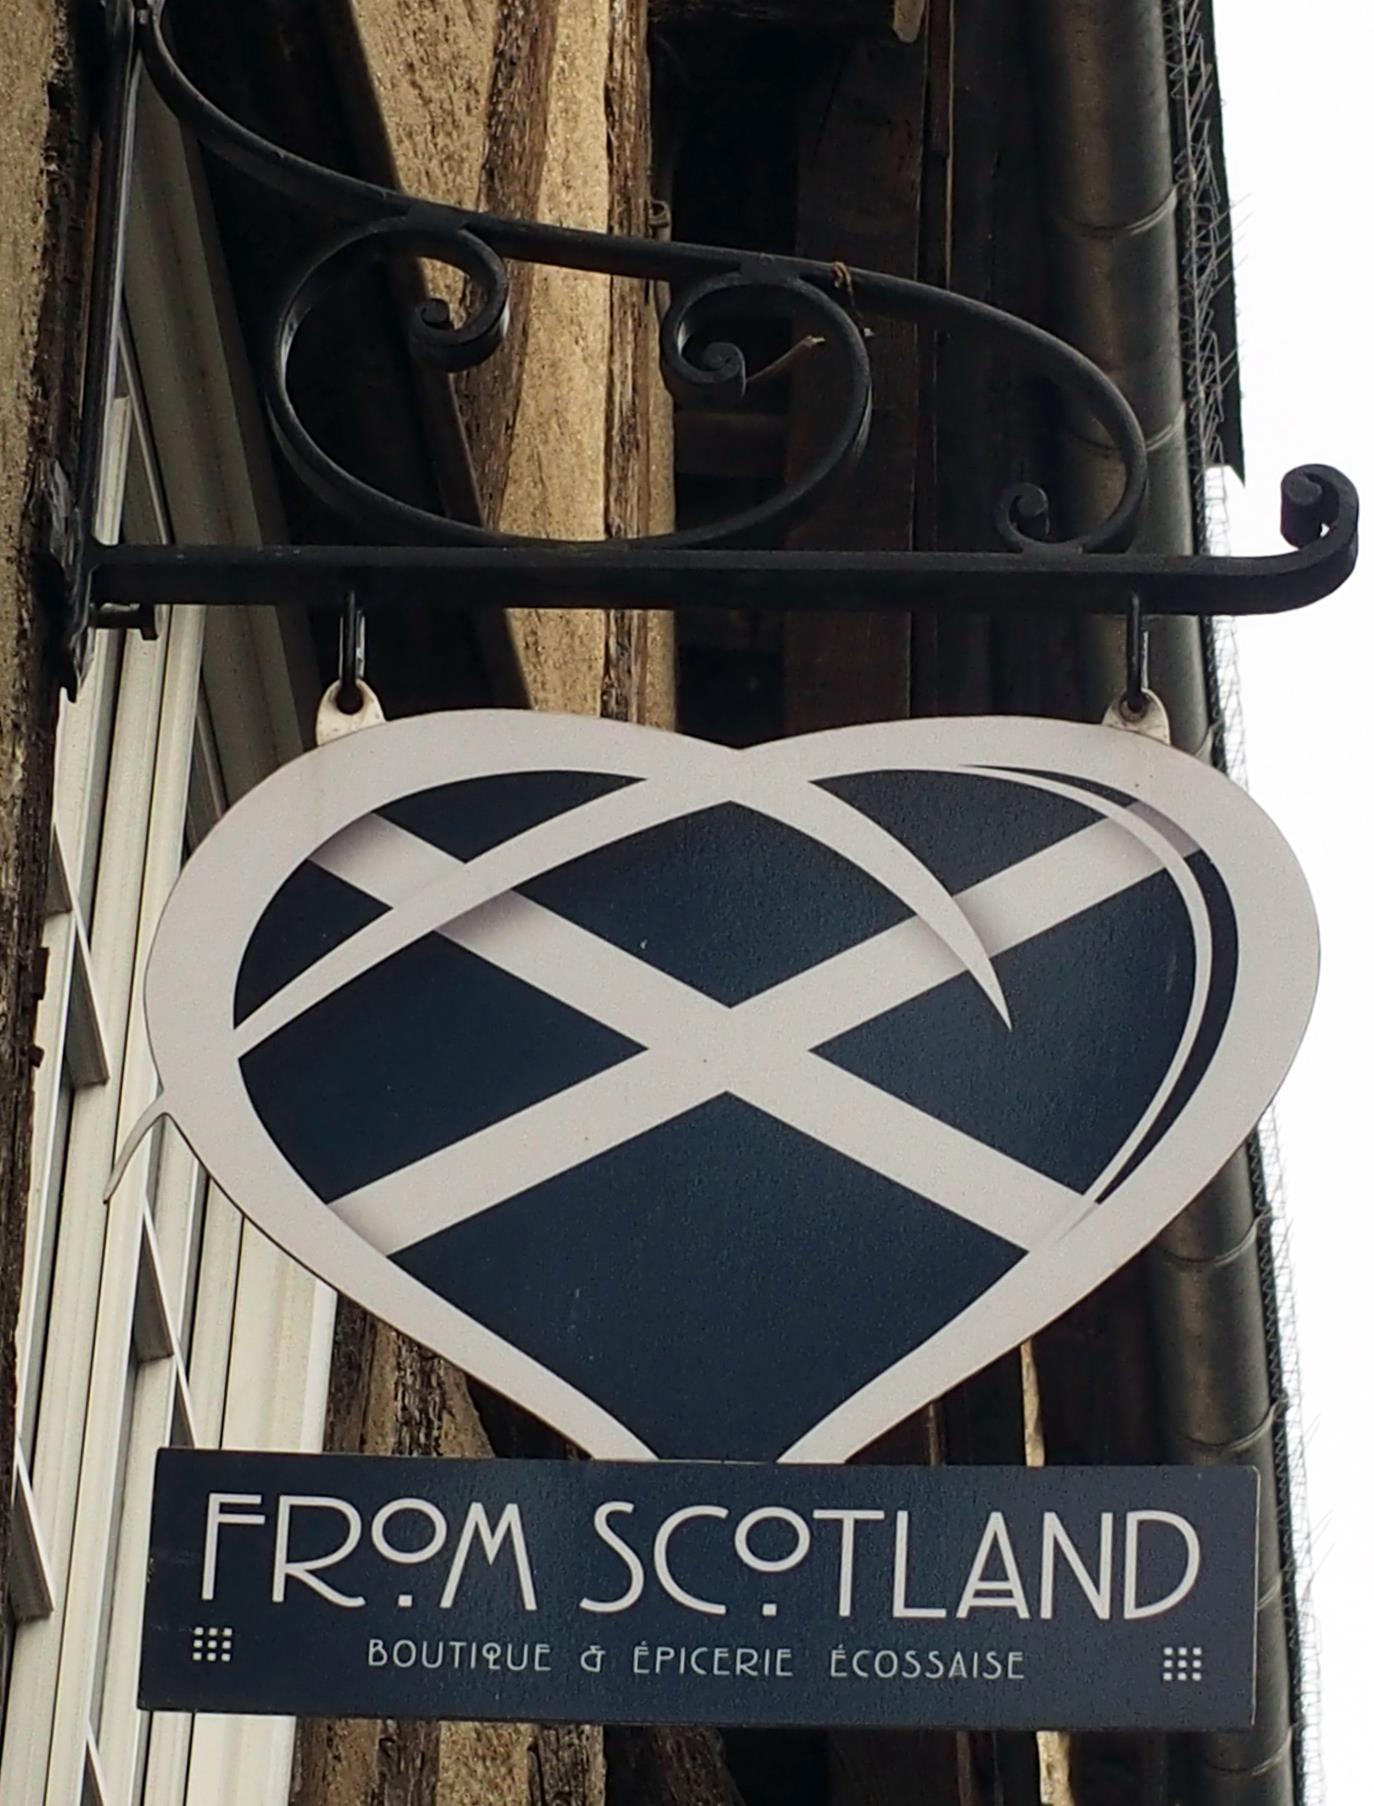 From Scotland (épicerie ecossaise) - Dinan